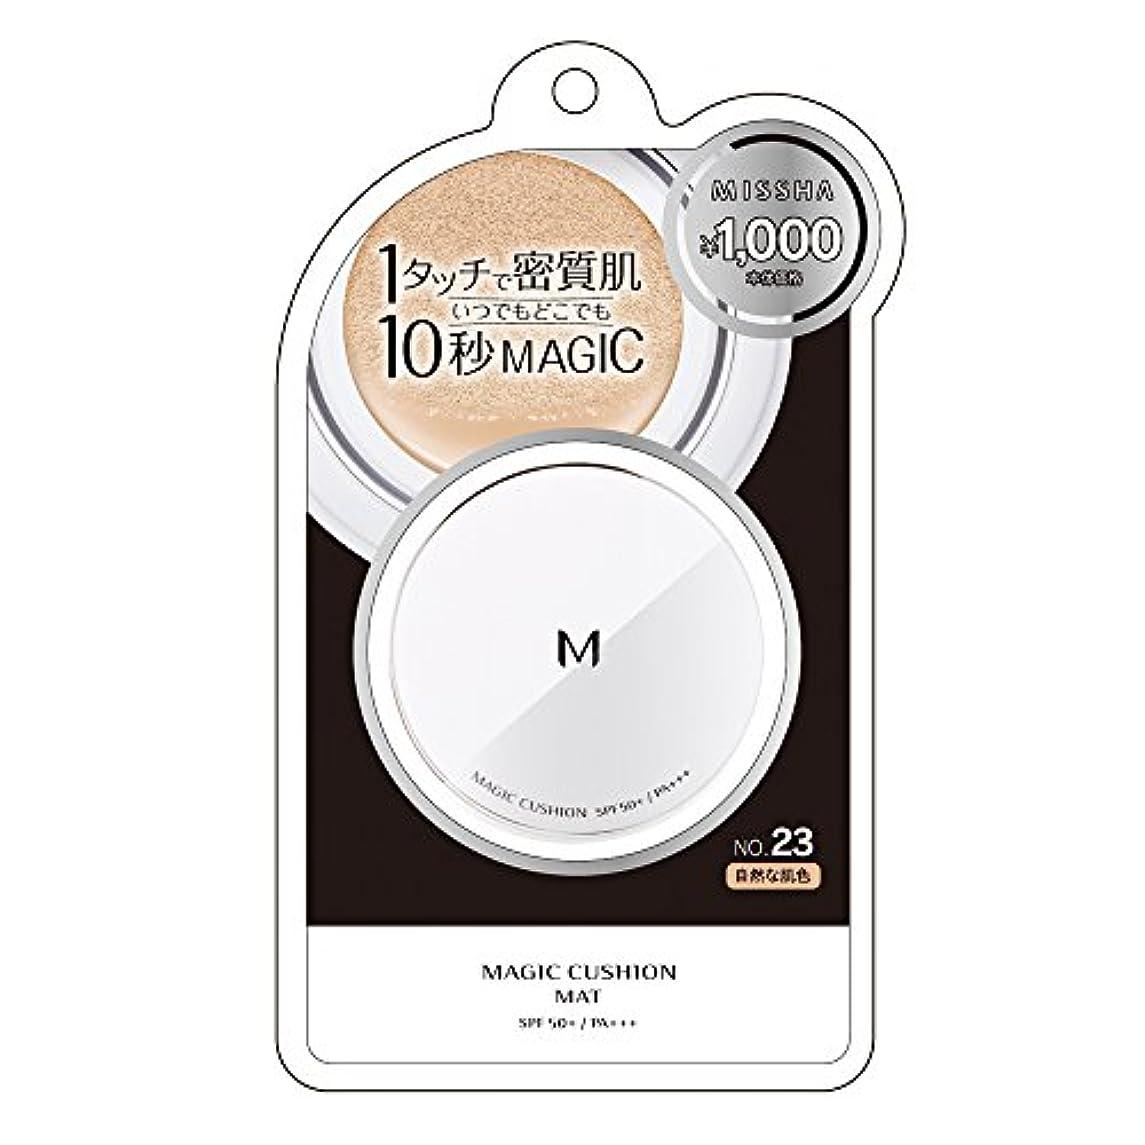 ギャラリーインサートニュースミシャ M クッション ファンデーション(マット)No.23(自然な肌色) 15g